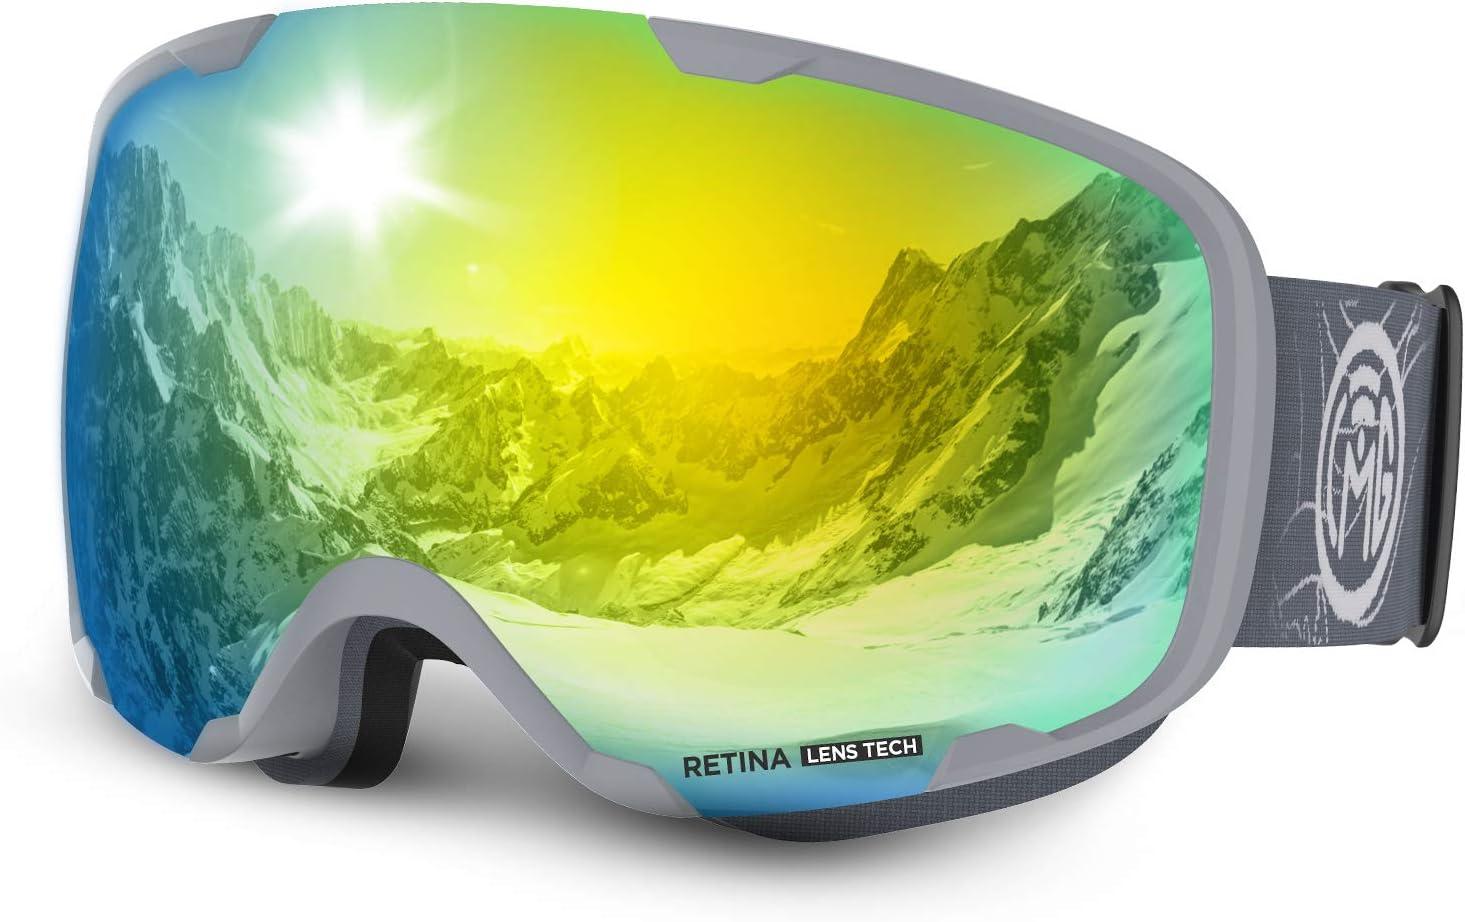 LEMEGO Gafas de Esquí, Antivaho Máscara de Esquí Lentes Esféricas Dobles Gafas de Snowboard UV400 Protección OTG Ski Goggles Casco Compatible para ...